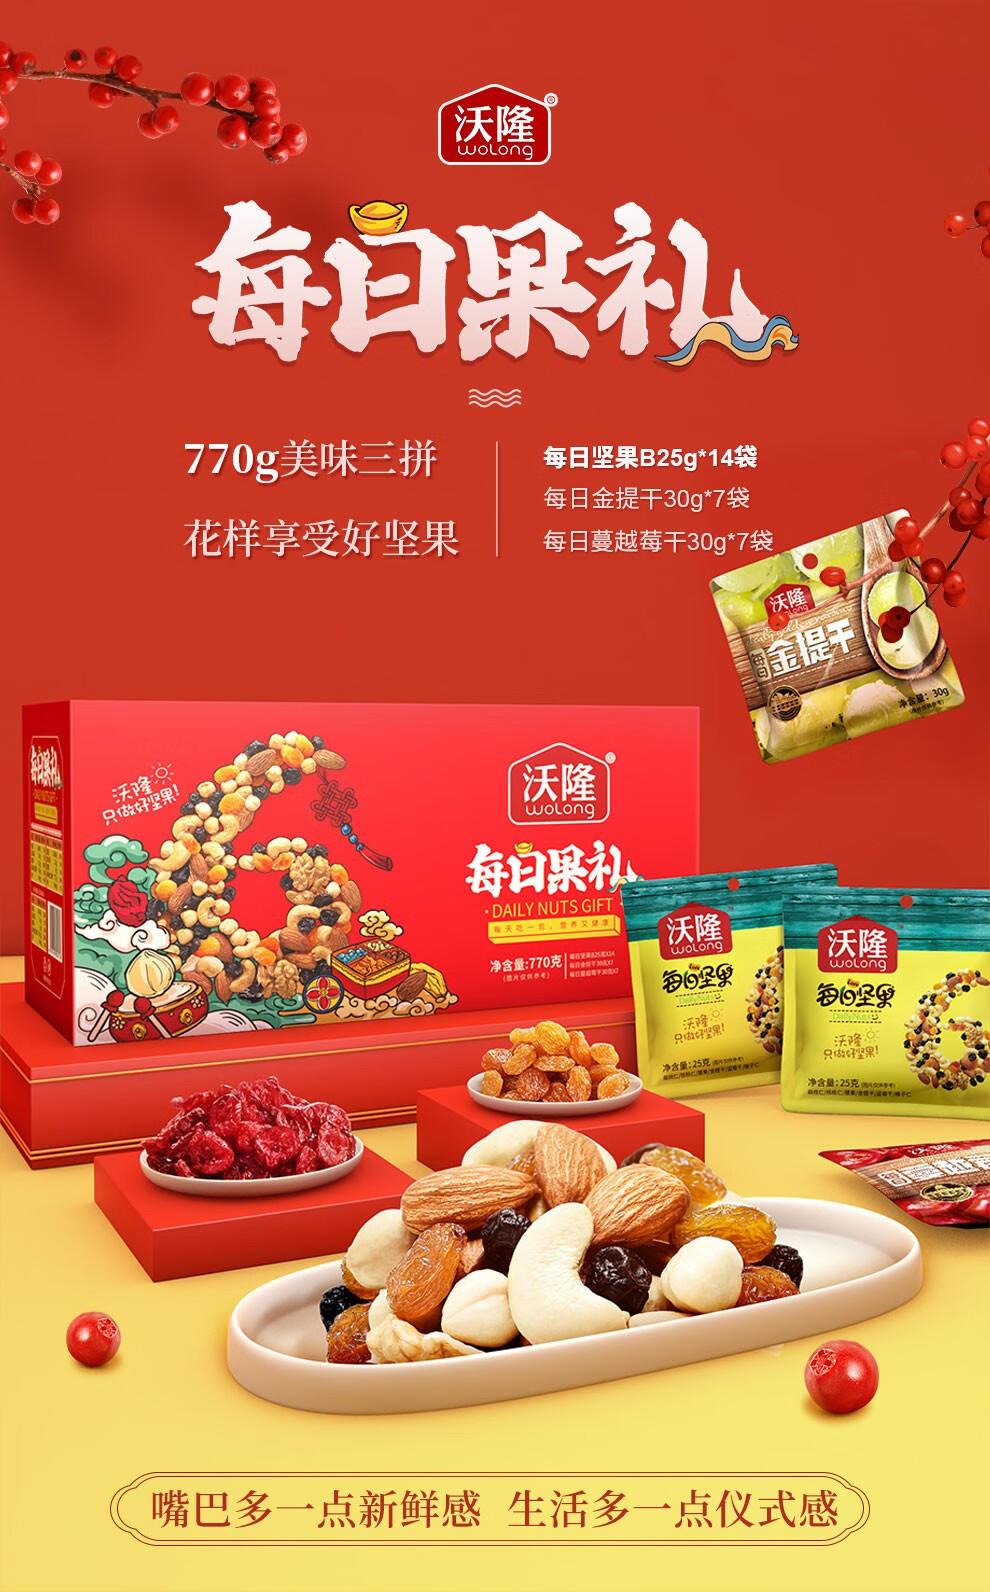 沃隆 每日坚果 混合坚果仁休闲零食礼盒 自然原味 每日果礼770g/盒